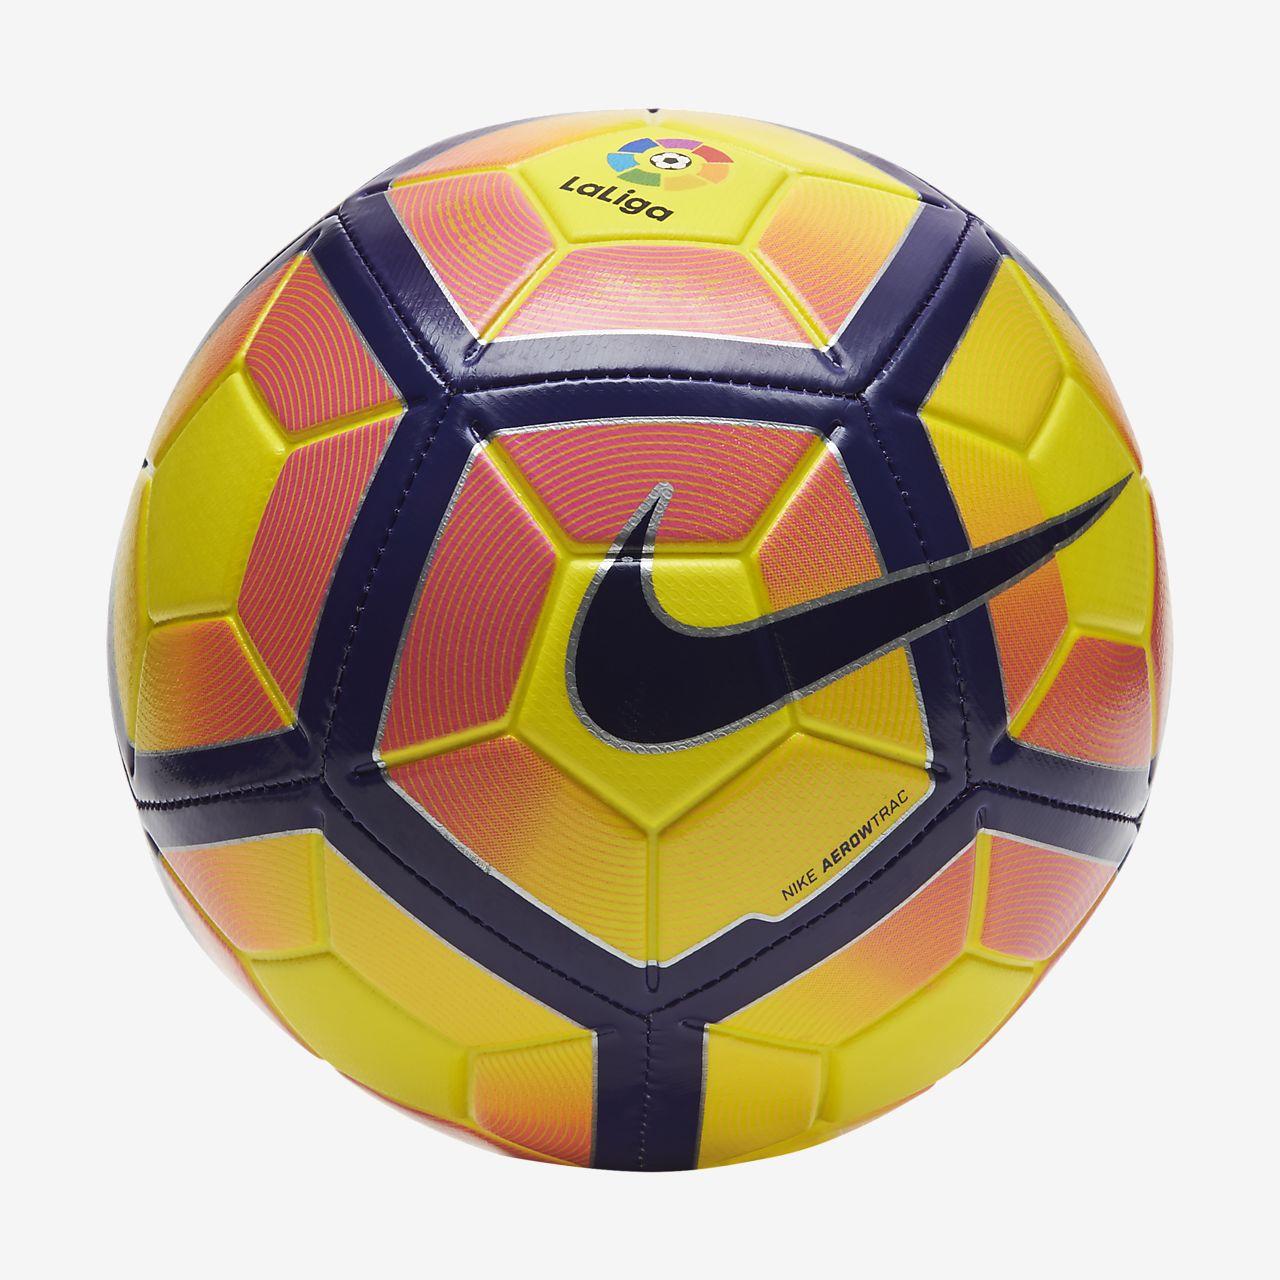 b90148d3a02f0 Balón de fútbol Nike Strike LFP. Nike.com CL